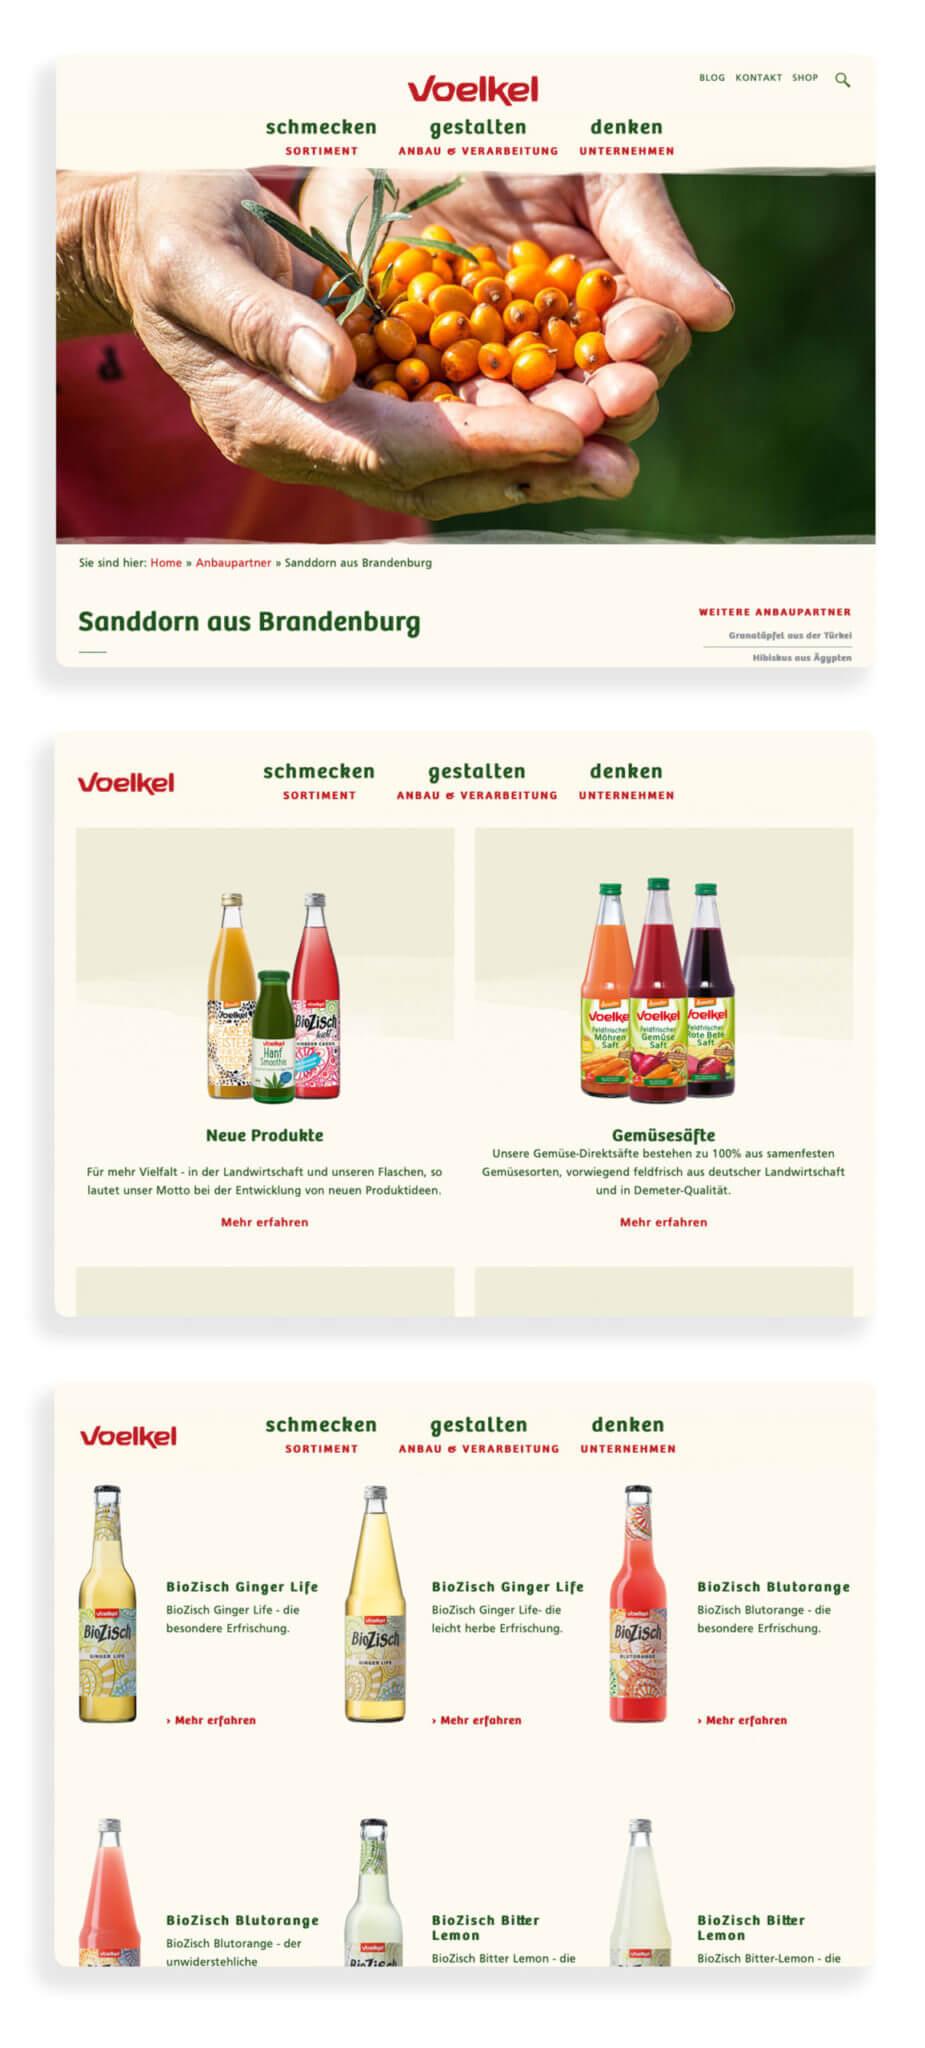 Voelkel_Naturkostsaefte_neue_Website